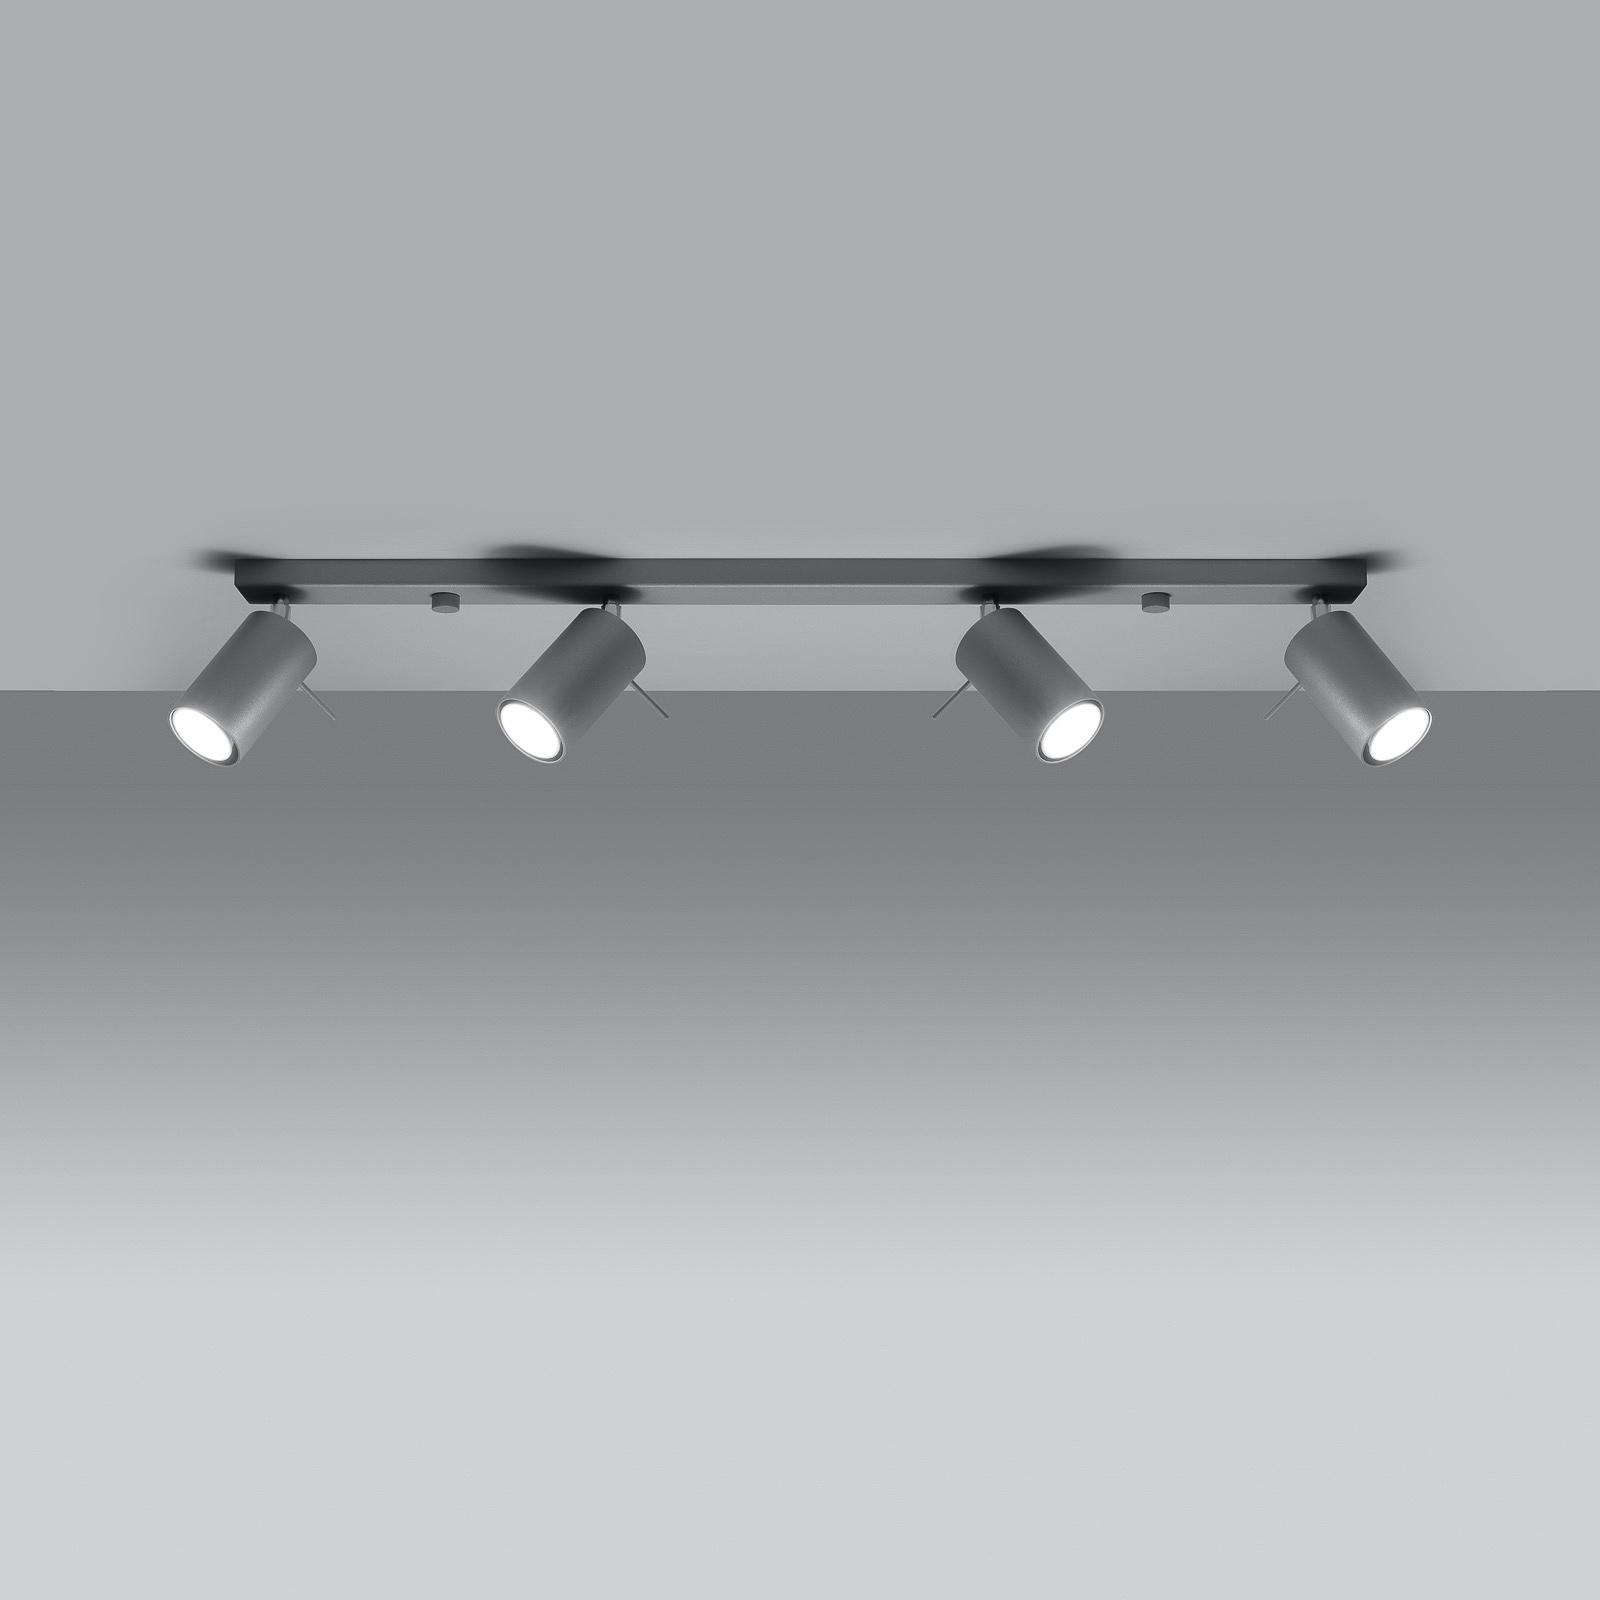 Deckenstrahler Round, grau, vierflammig linear